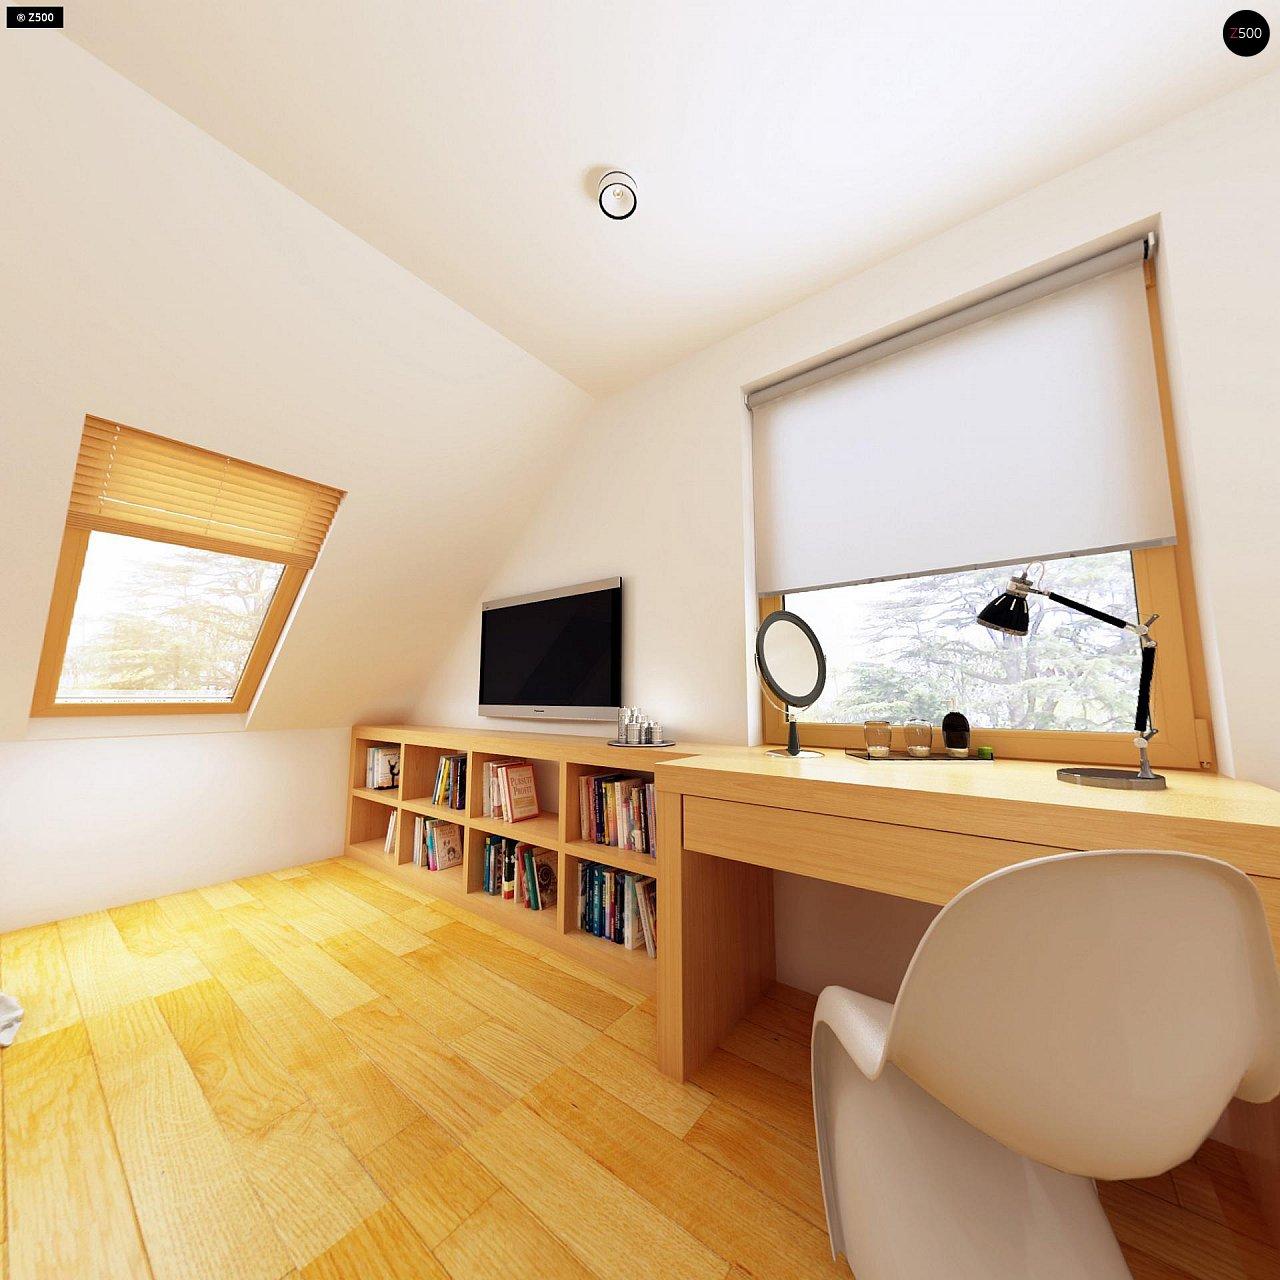 Практичный дом для небольшого участка, простой в строительстве, дешевый в эксплуатации. 11